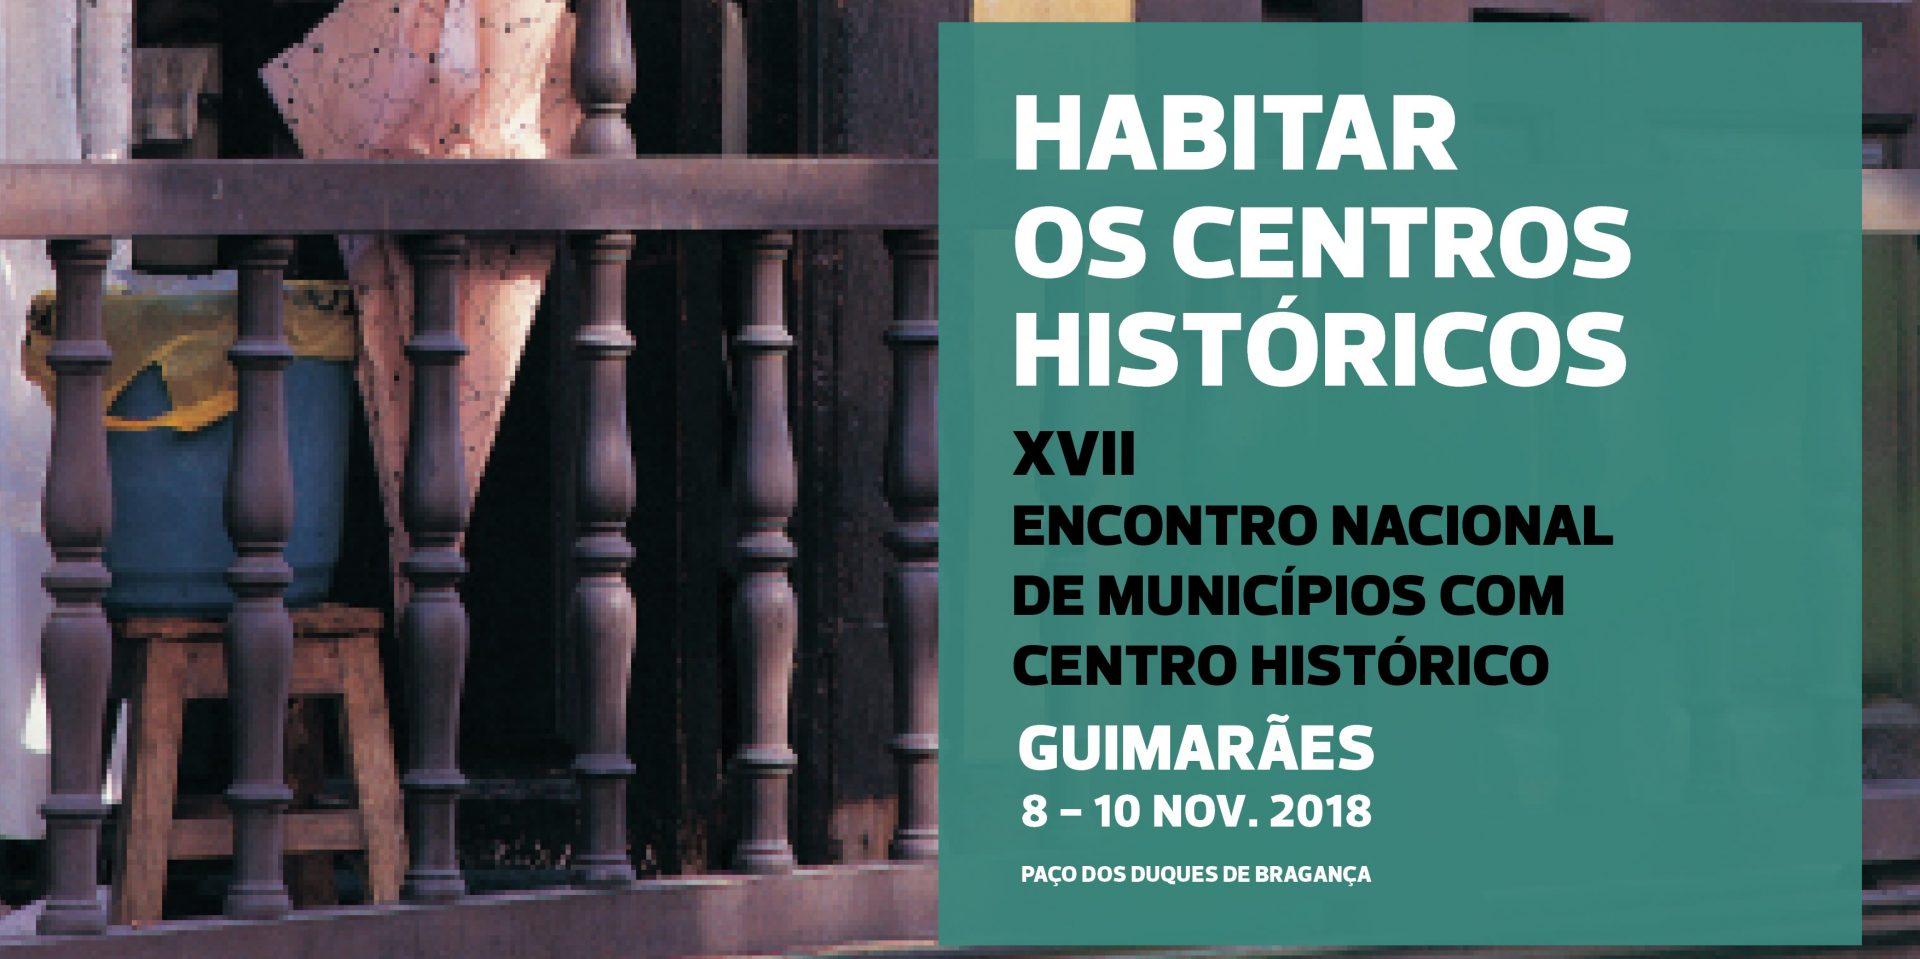 Plataforma Notícias Ordem Engenheiros Região Norte - XVII Encontro Nacional de Municípios com Centro Histórico